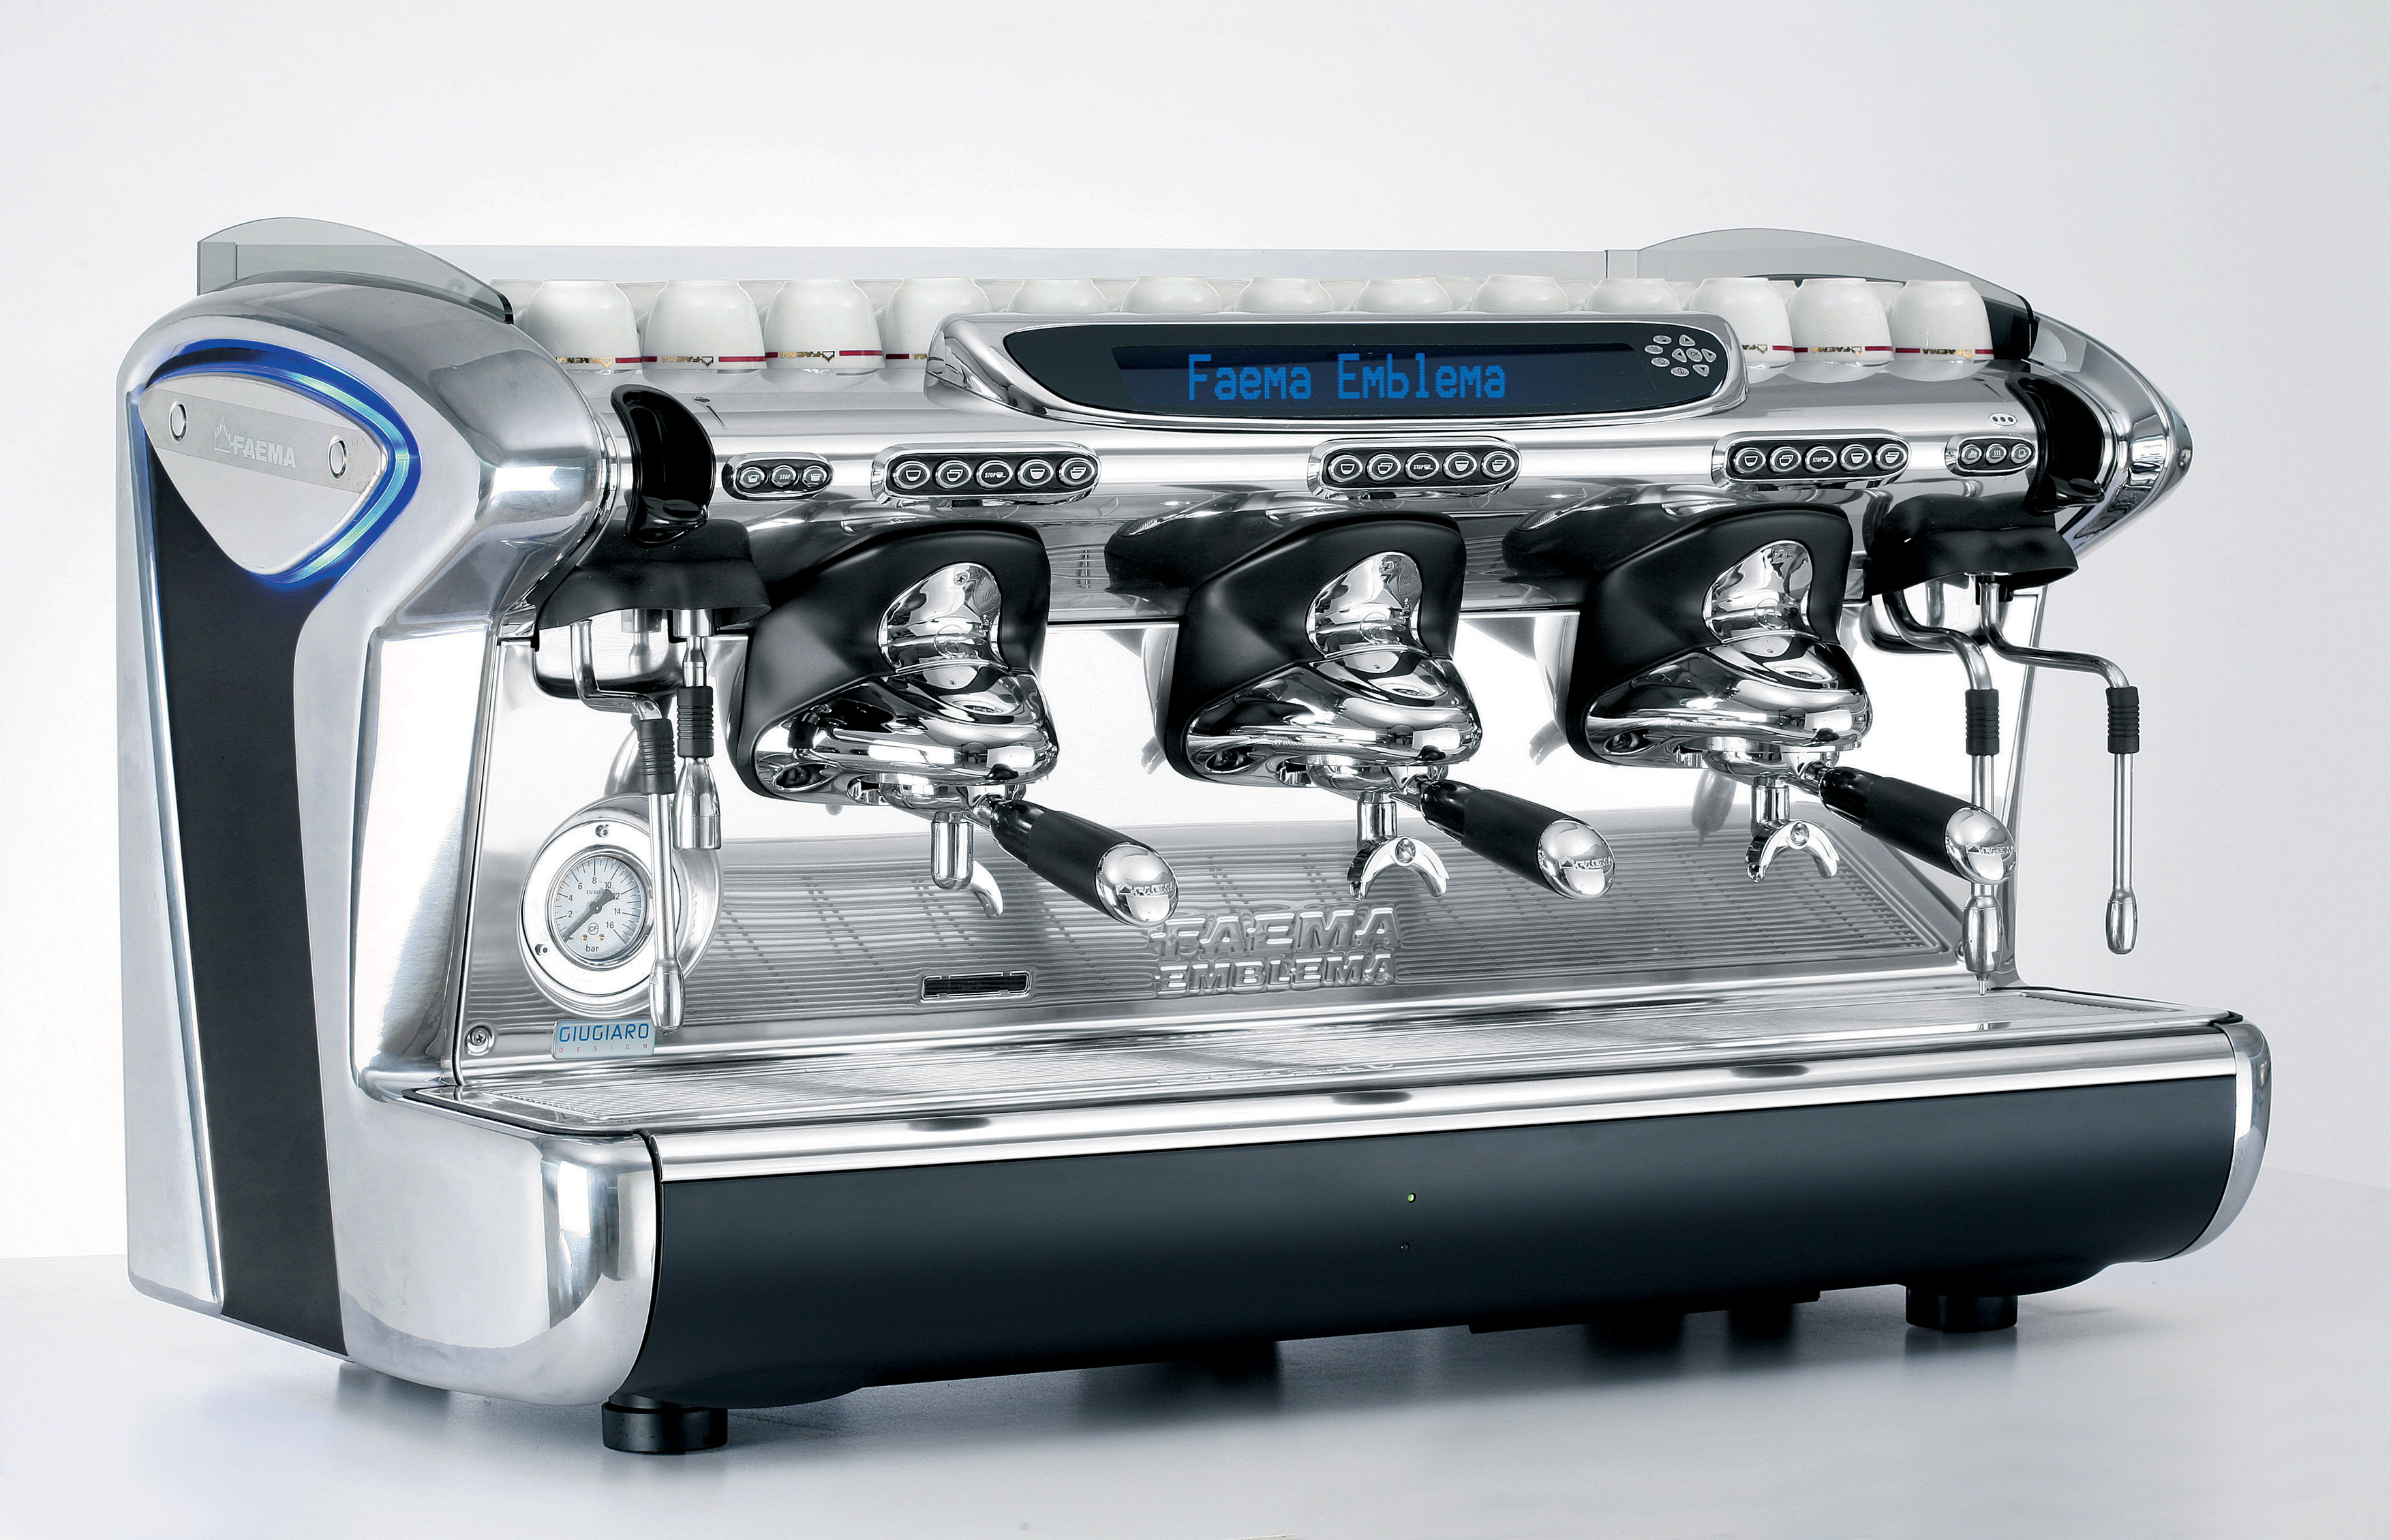 vente de matériel et équipement café / glacier maroc - Fournisseur De Materiel De Cuisine Professionnel